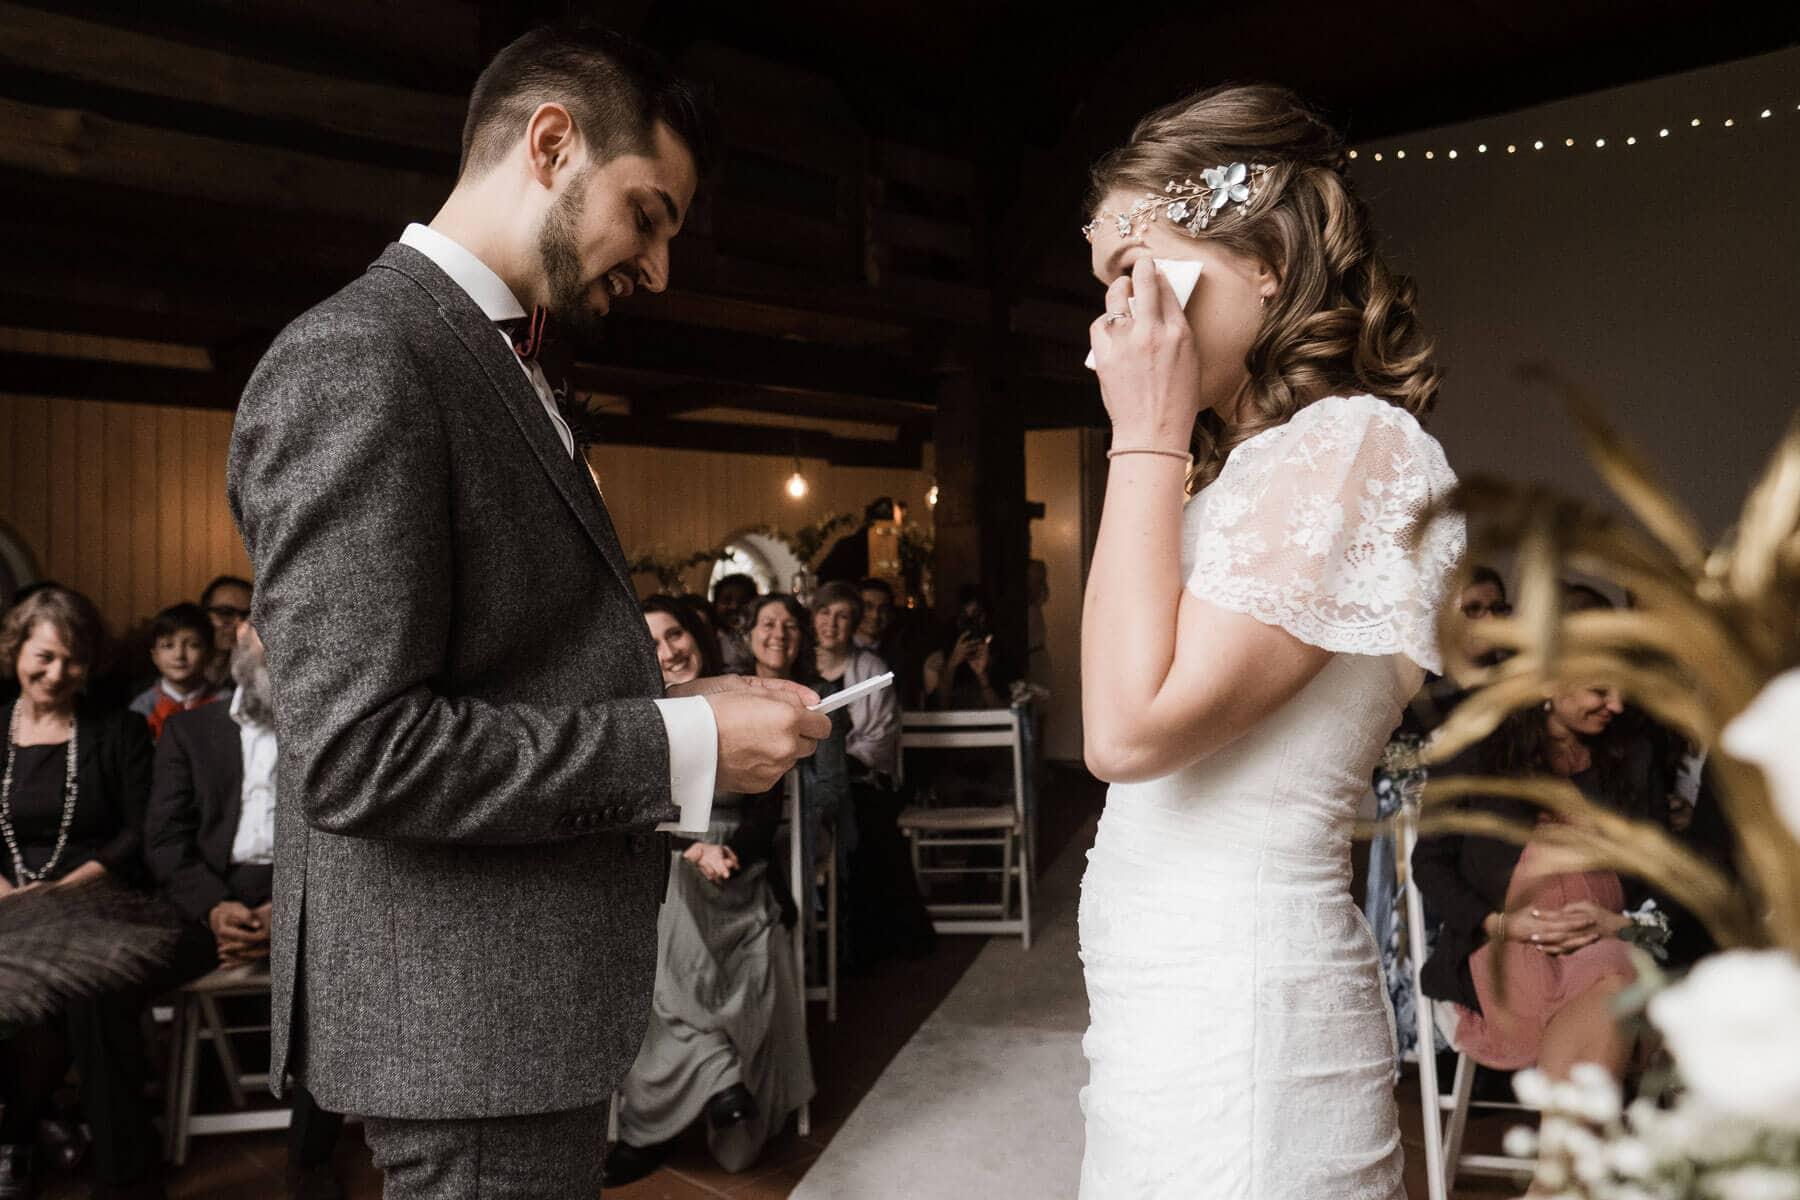 das Brautpaar steht in dem Trauzimmer eines Landhaus, im Hintergrund sitzen die Gäste des Brautpaar, der Bräutigam hält einen Zettel in der Hand, die Braut hält sich ein Taschentuch an die Wange